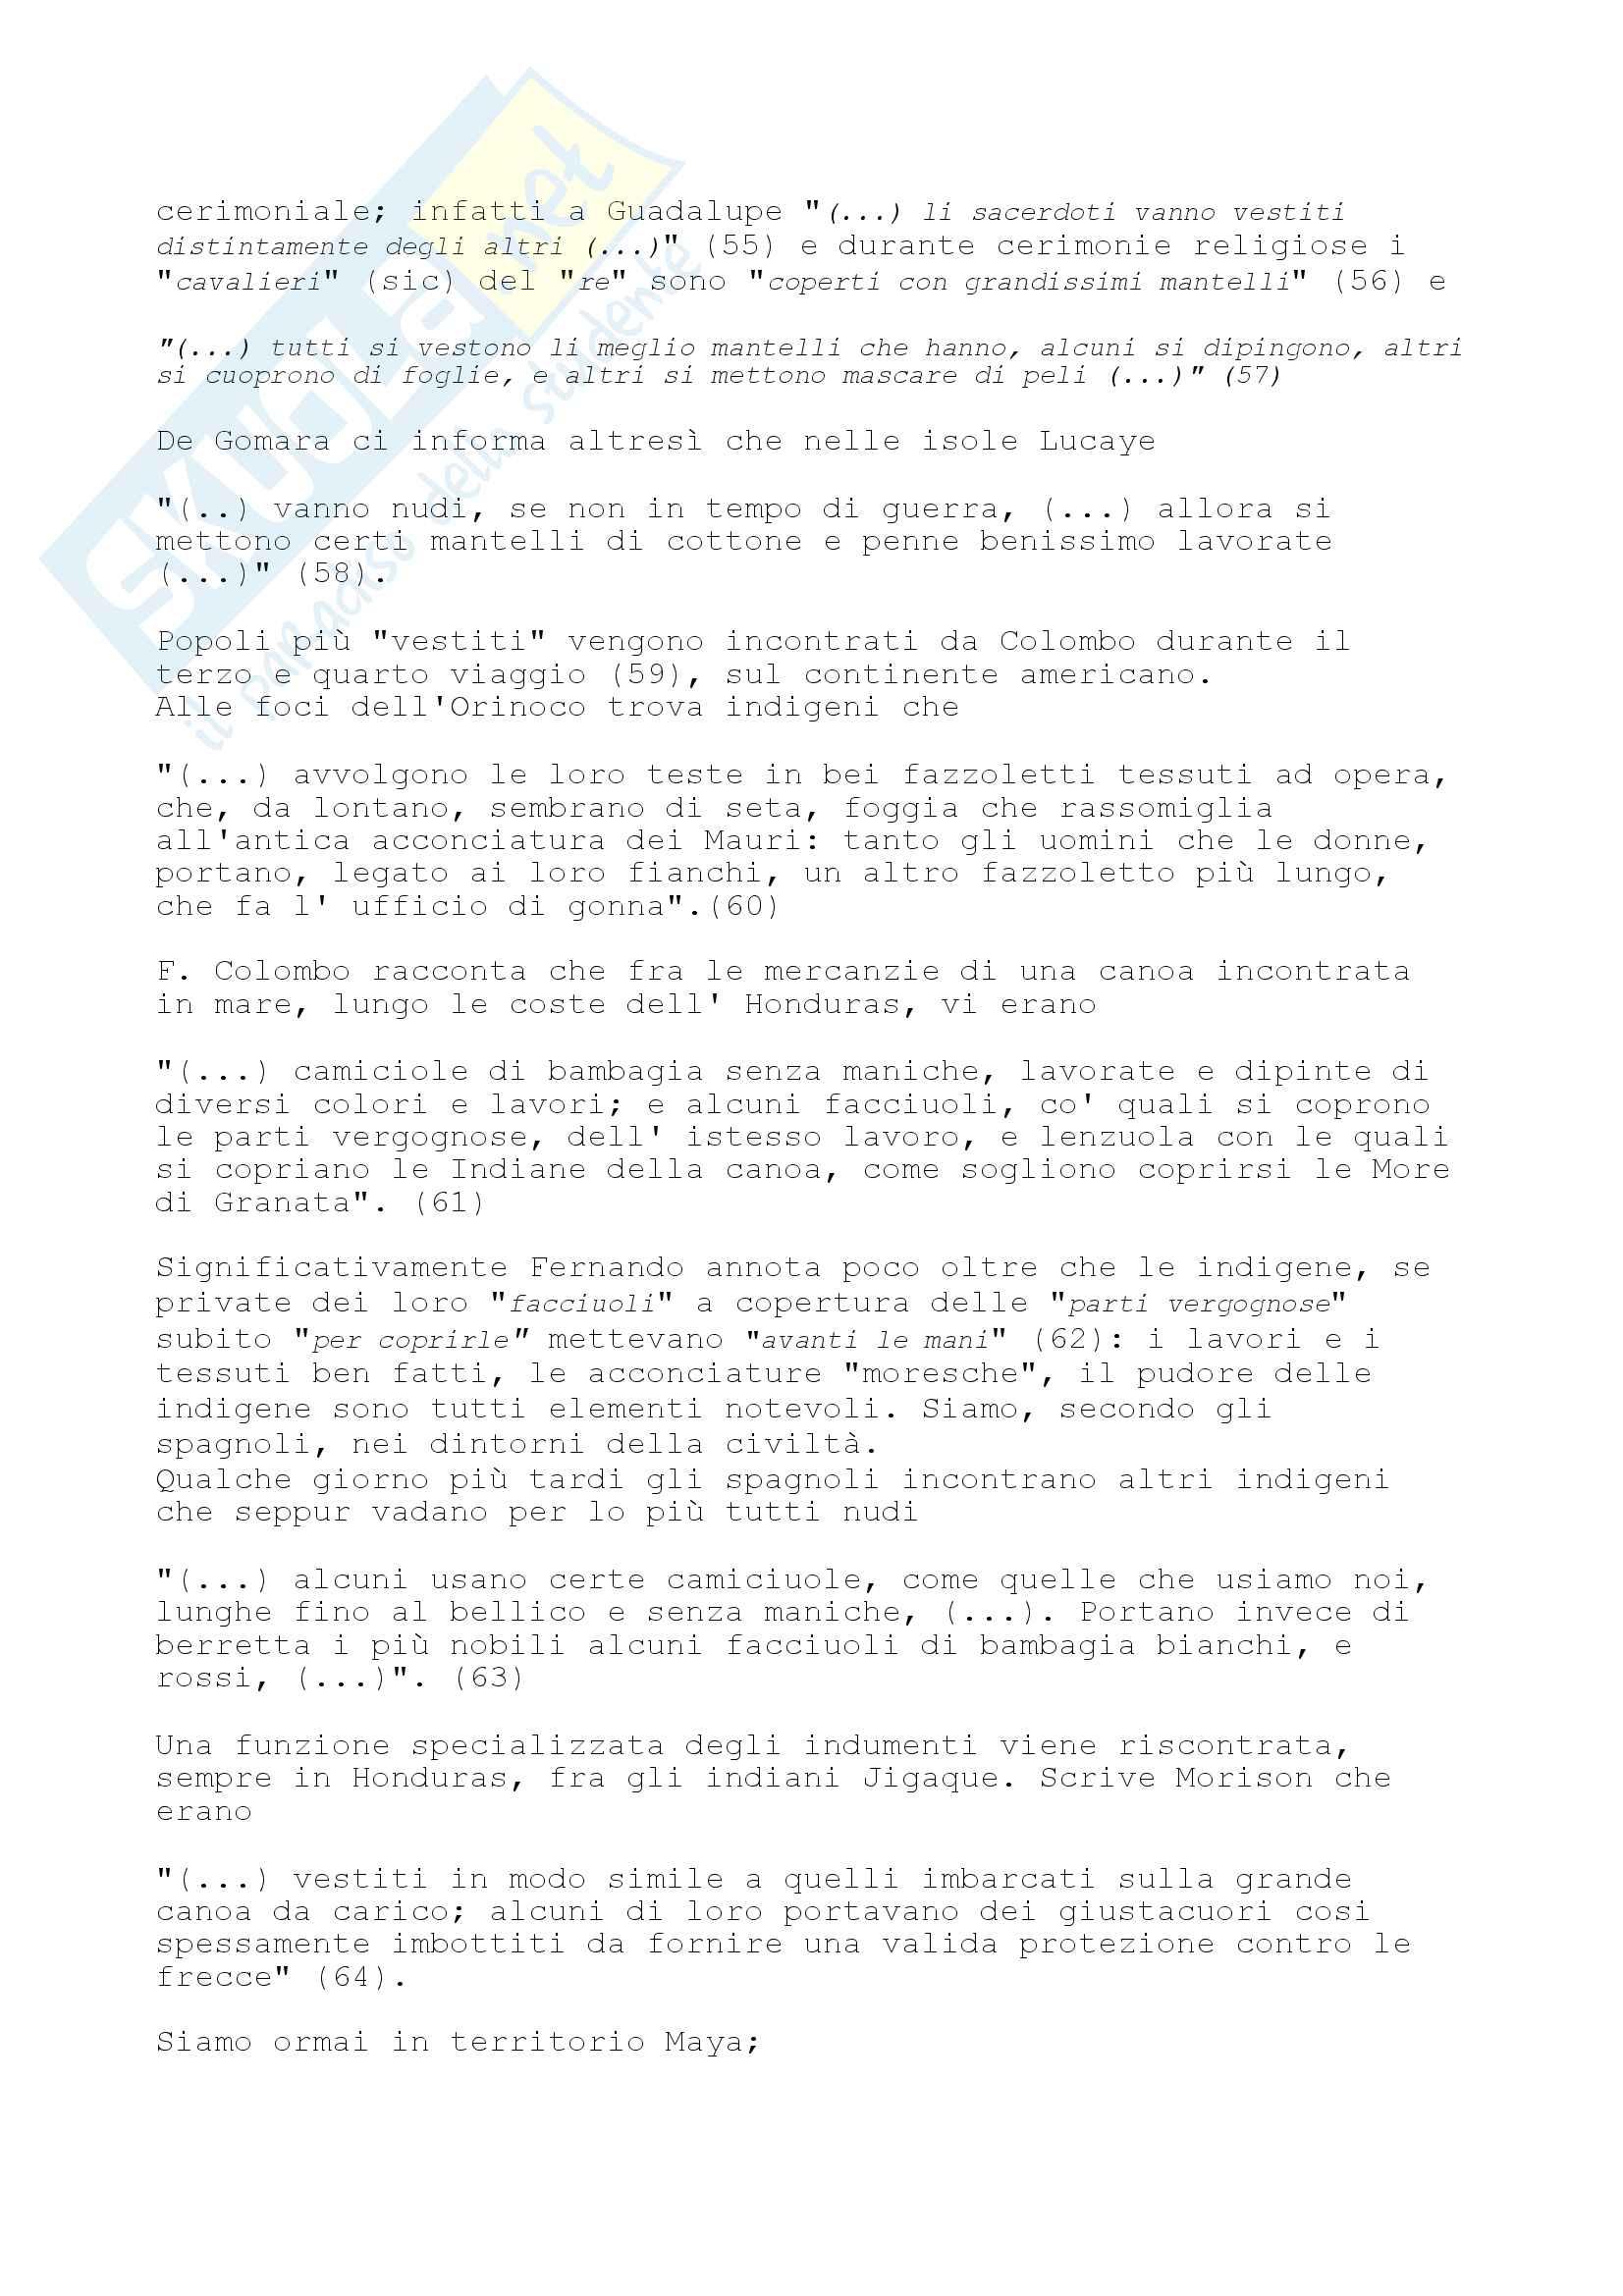 Concettualizzazione del mondo amerindio attraverso i resoconti delle imprese colombiane Pag. 41